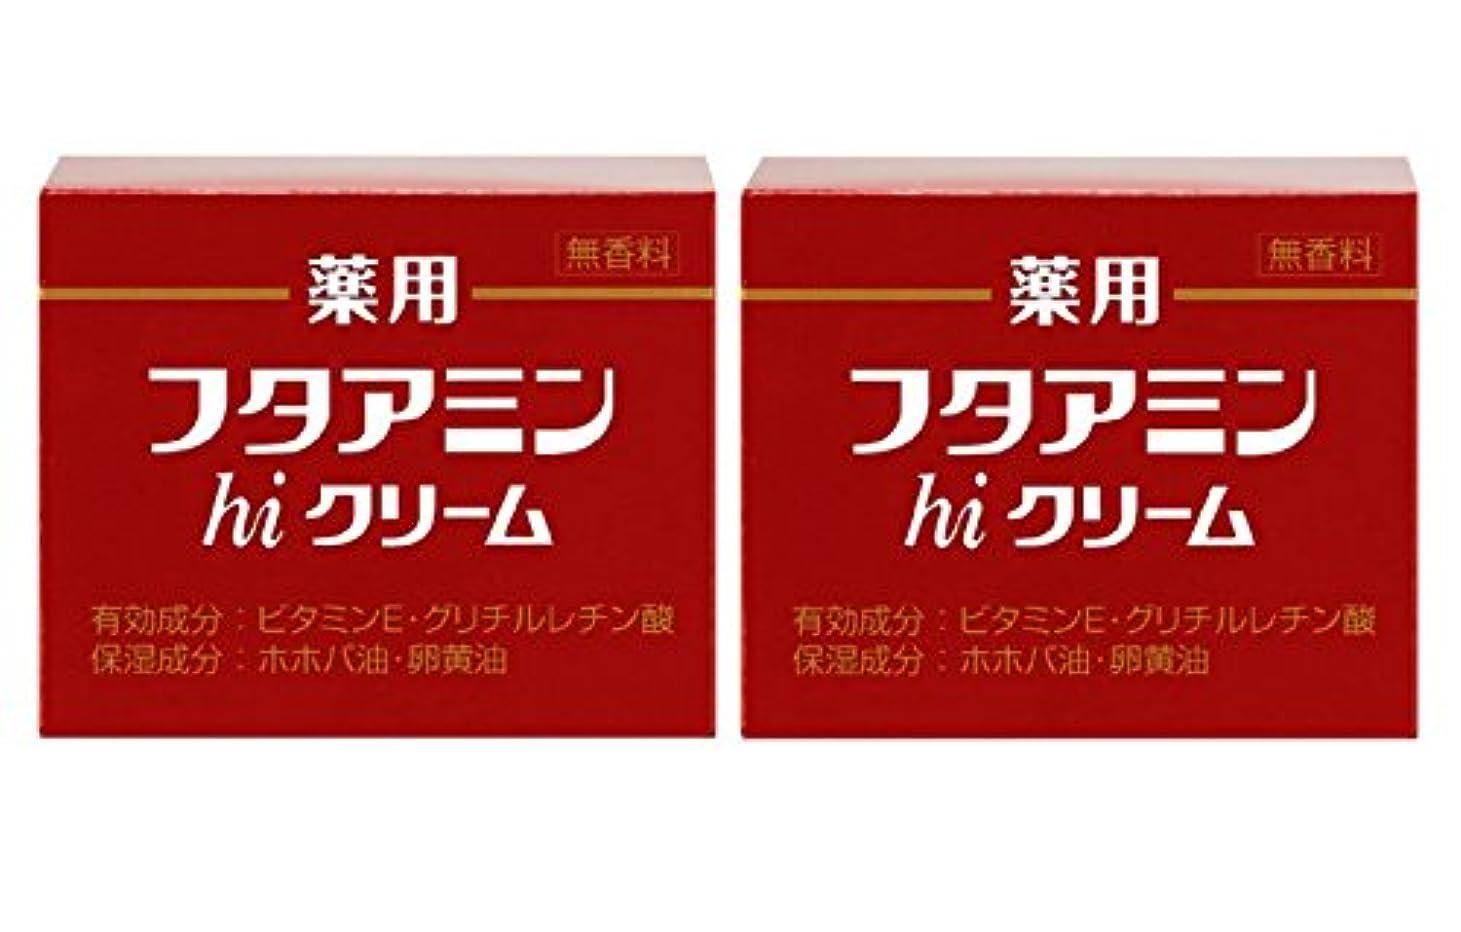 悲しみキノコスズメバチ薬用フタアミンhiクリーム 55g×2個セット